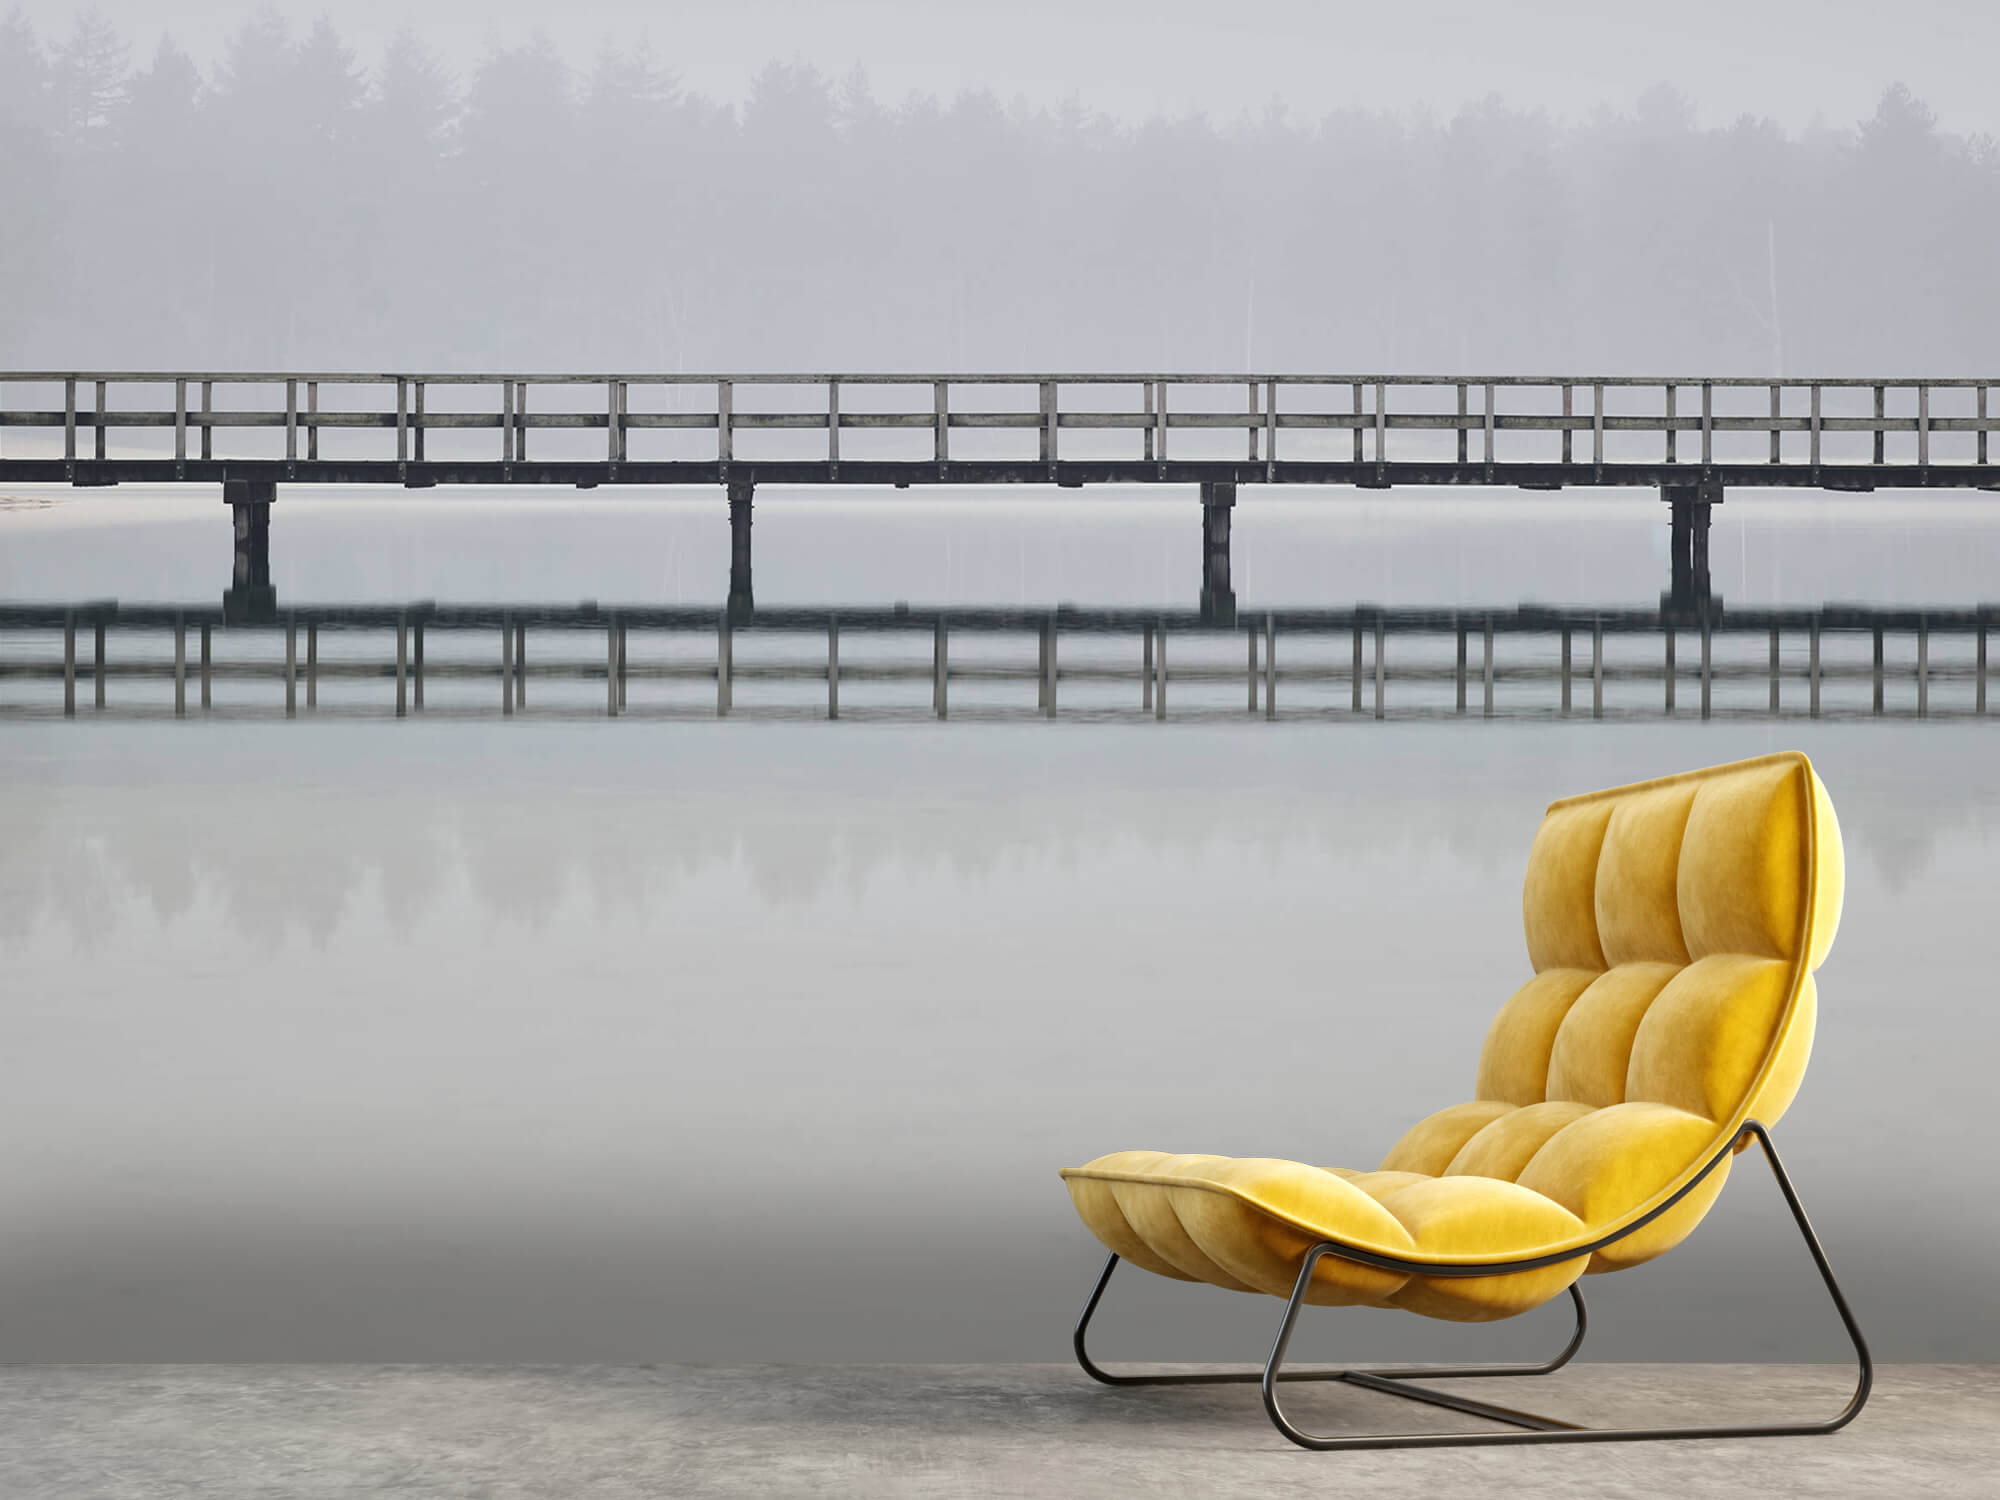 Natuur Brug in de mist 6